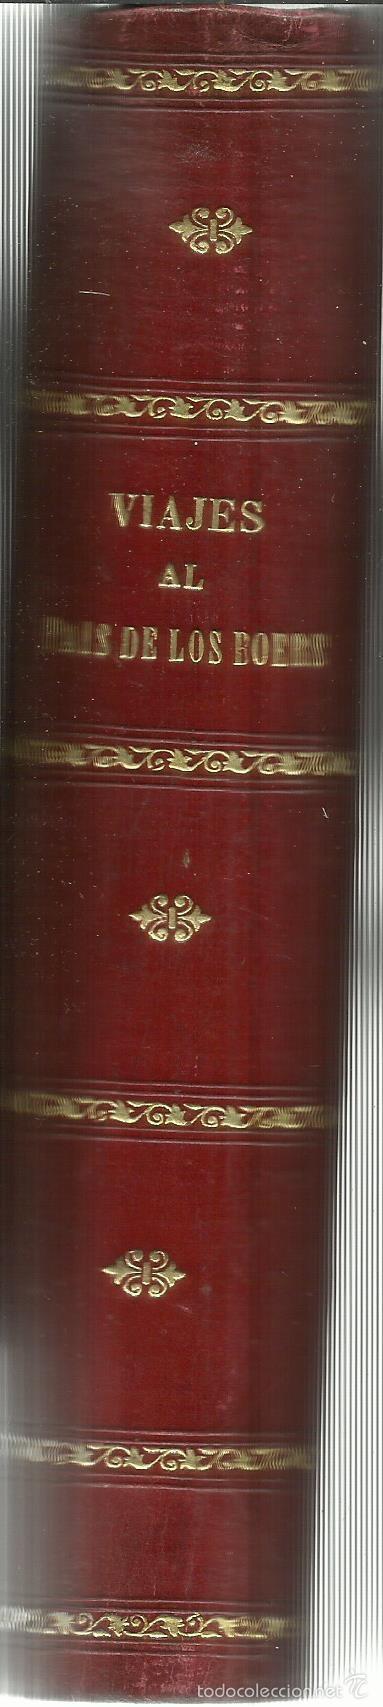 Libros antiguos: VIAJE AL PAÍS DE LOS BOERS. BON LA ROC. ROMÁN GIL EDITOR. BARCELONA. 3ª EDICIÓN. - Foto 3 - 57360006